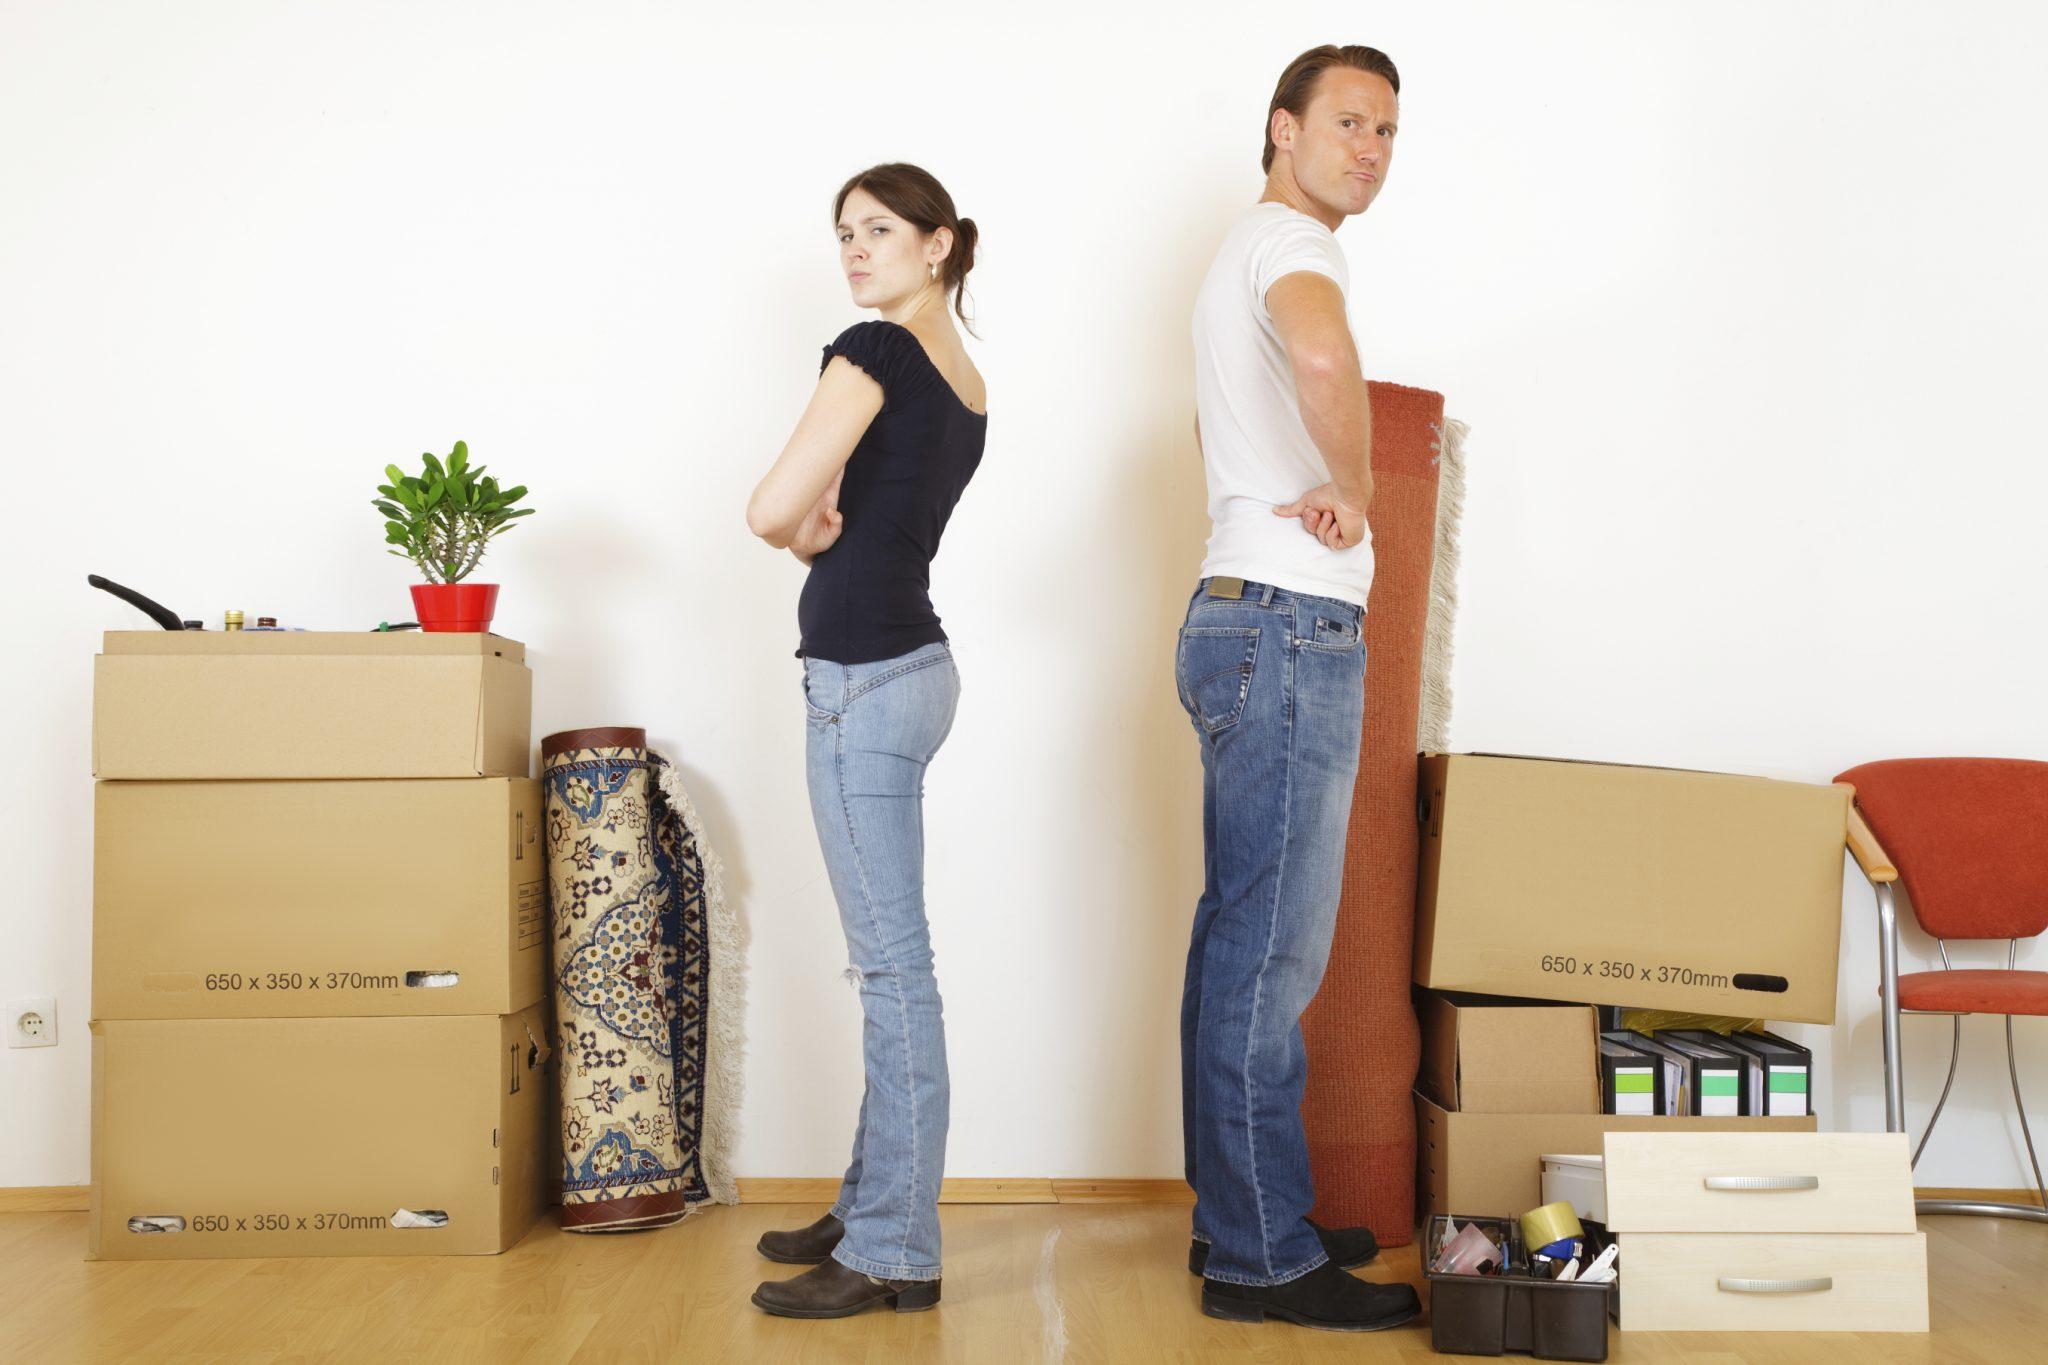 Какое имущество не делится при разводе - что не делят при разводе никогда